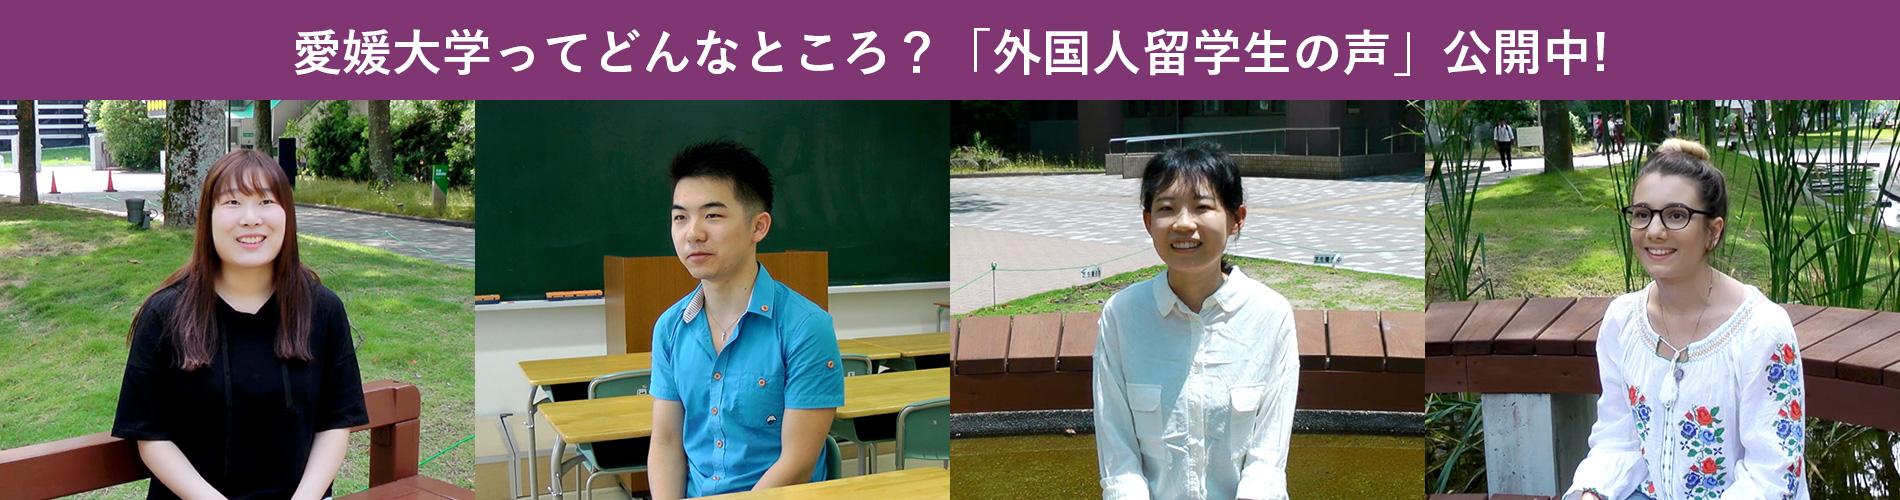 愛媛大学ってどんなところ?「外国人留学生の声」公開中!